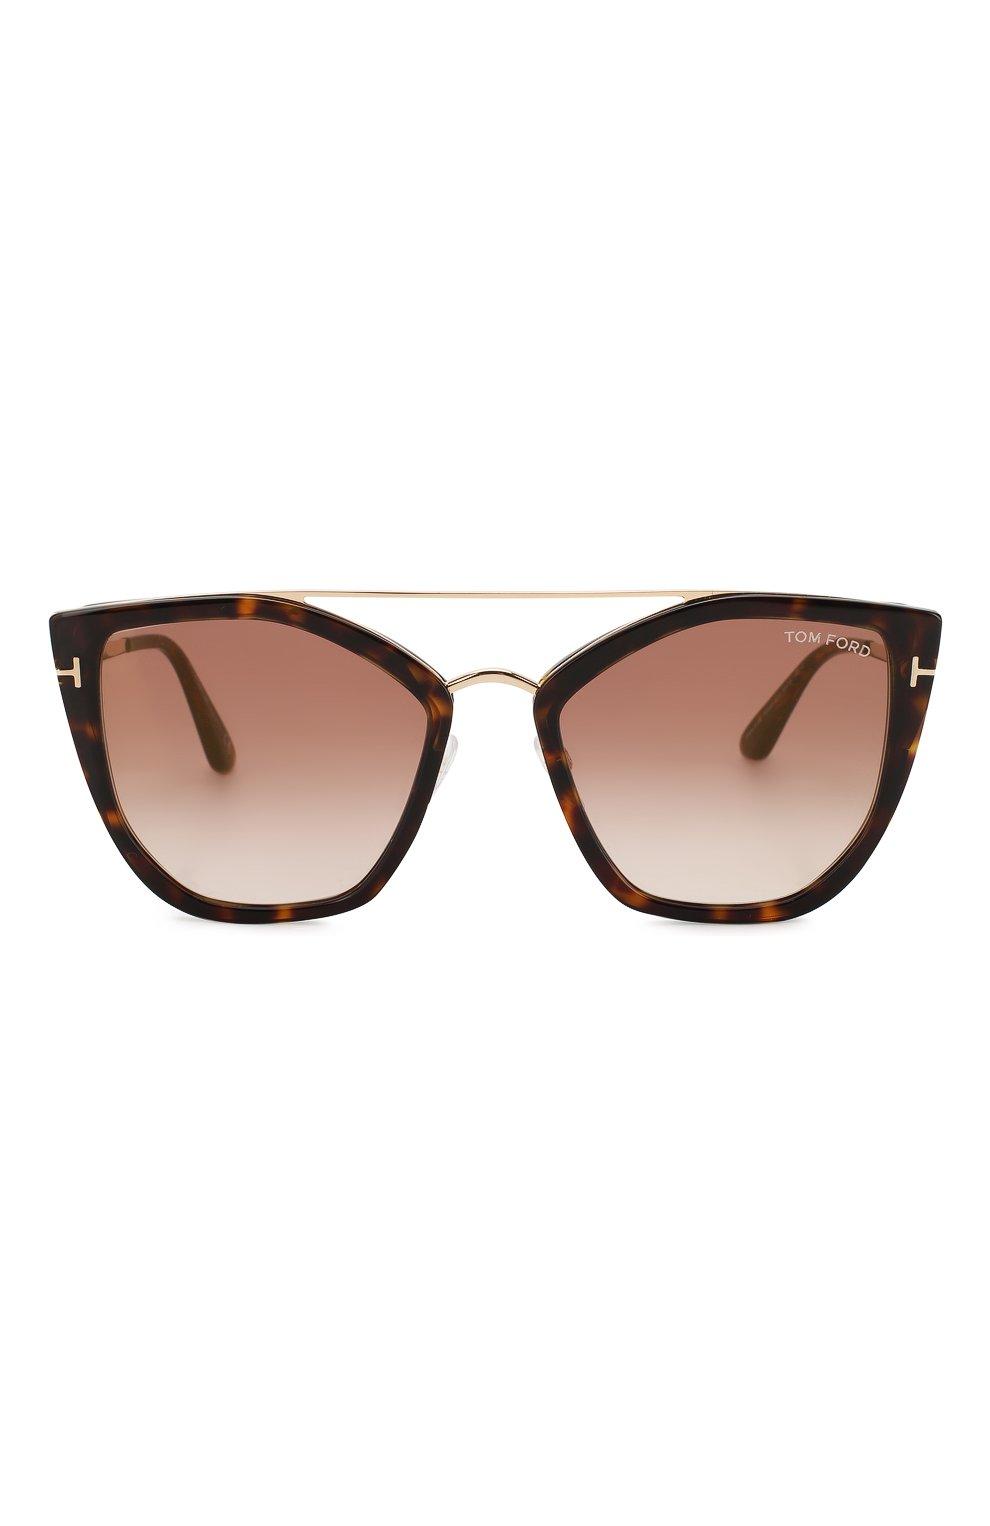 Женские солнцезащитные очки TOM FORD коричневого цвета, арт. TF648 52G | Фото 3